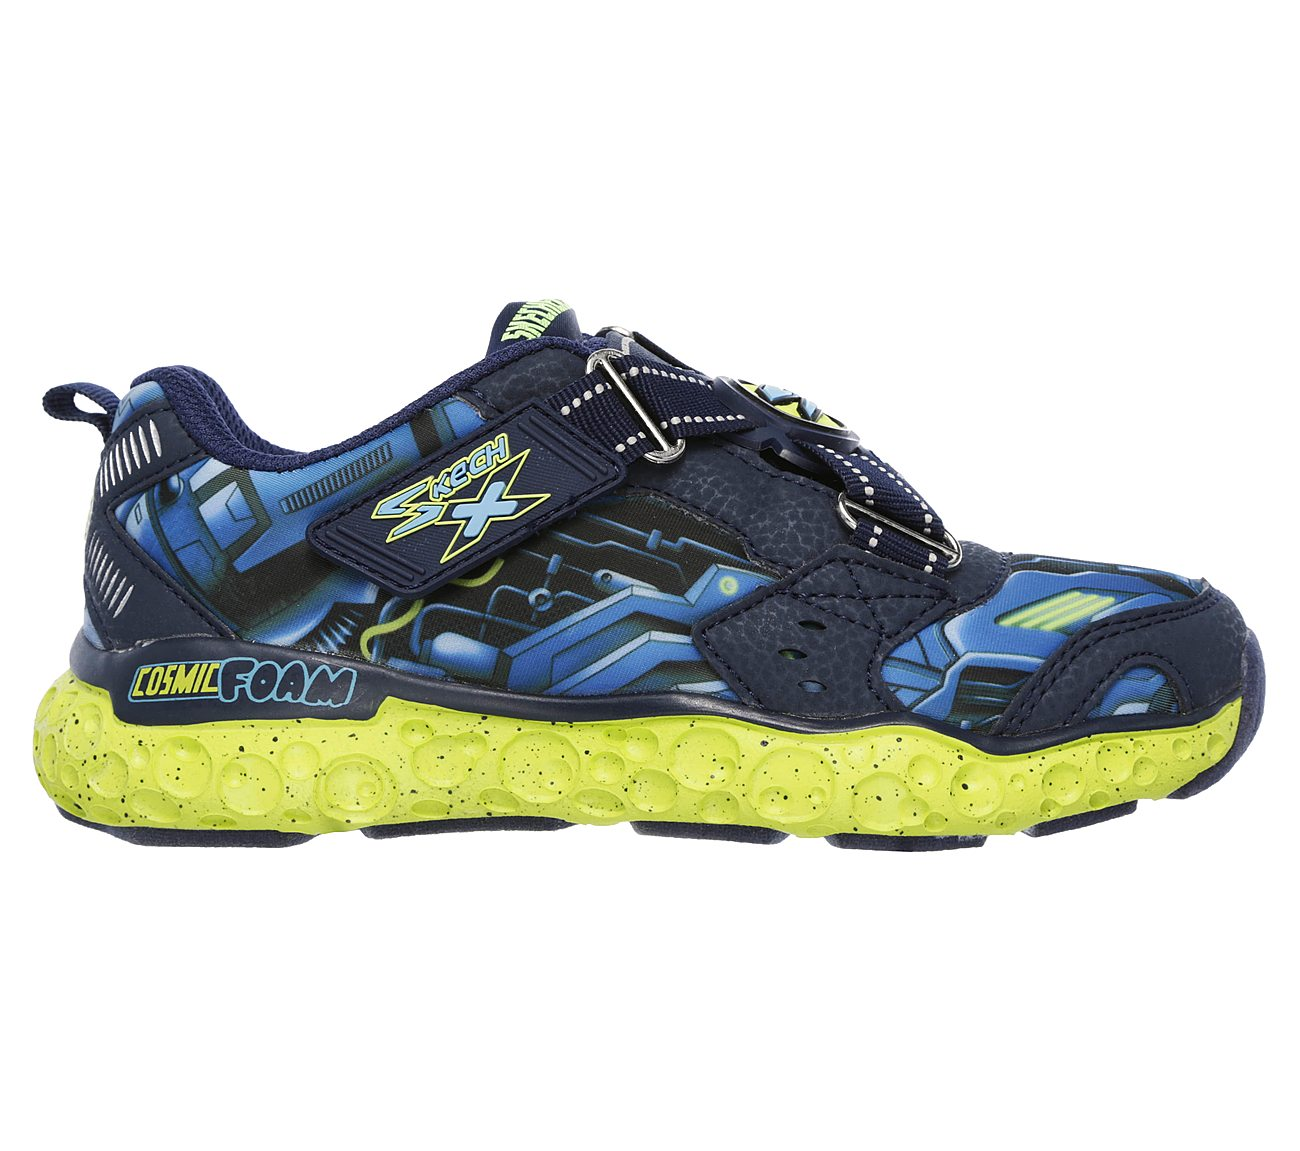 2d49ac601296 Buy SKECHERS Skech-X  Cosmic Foam - Portal-X Skech-X Shoes only  47.00